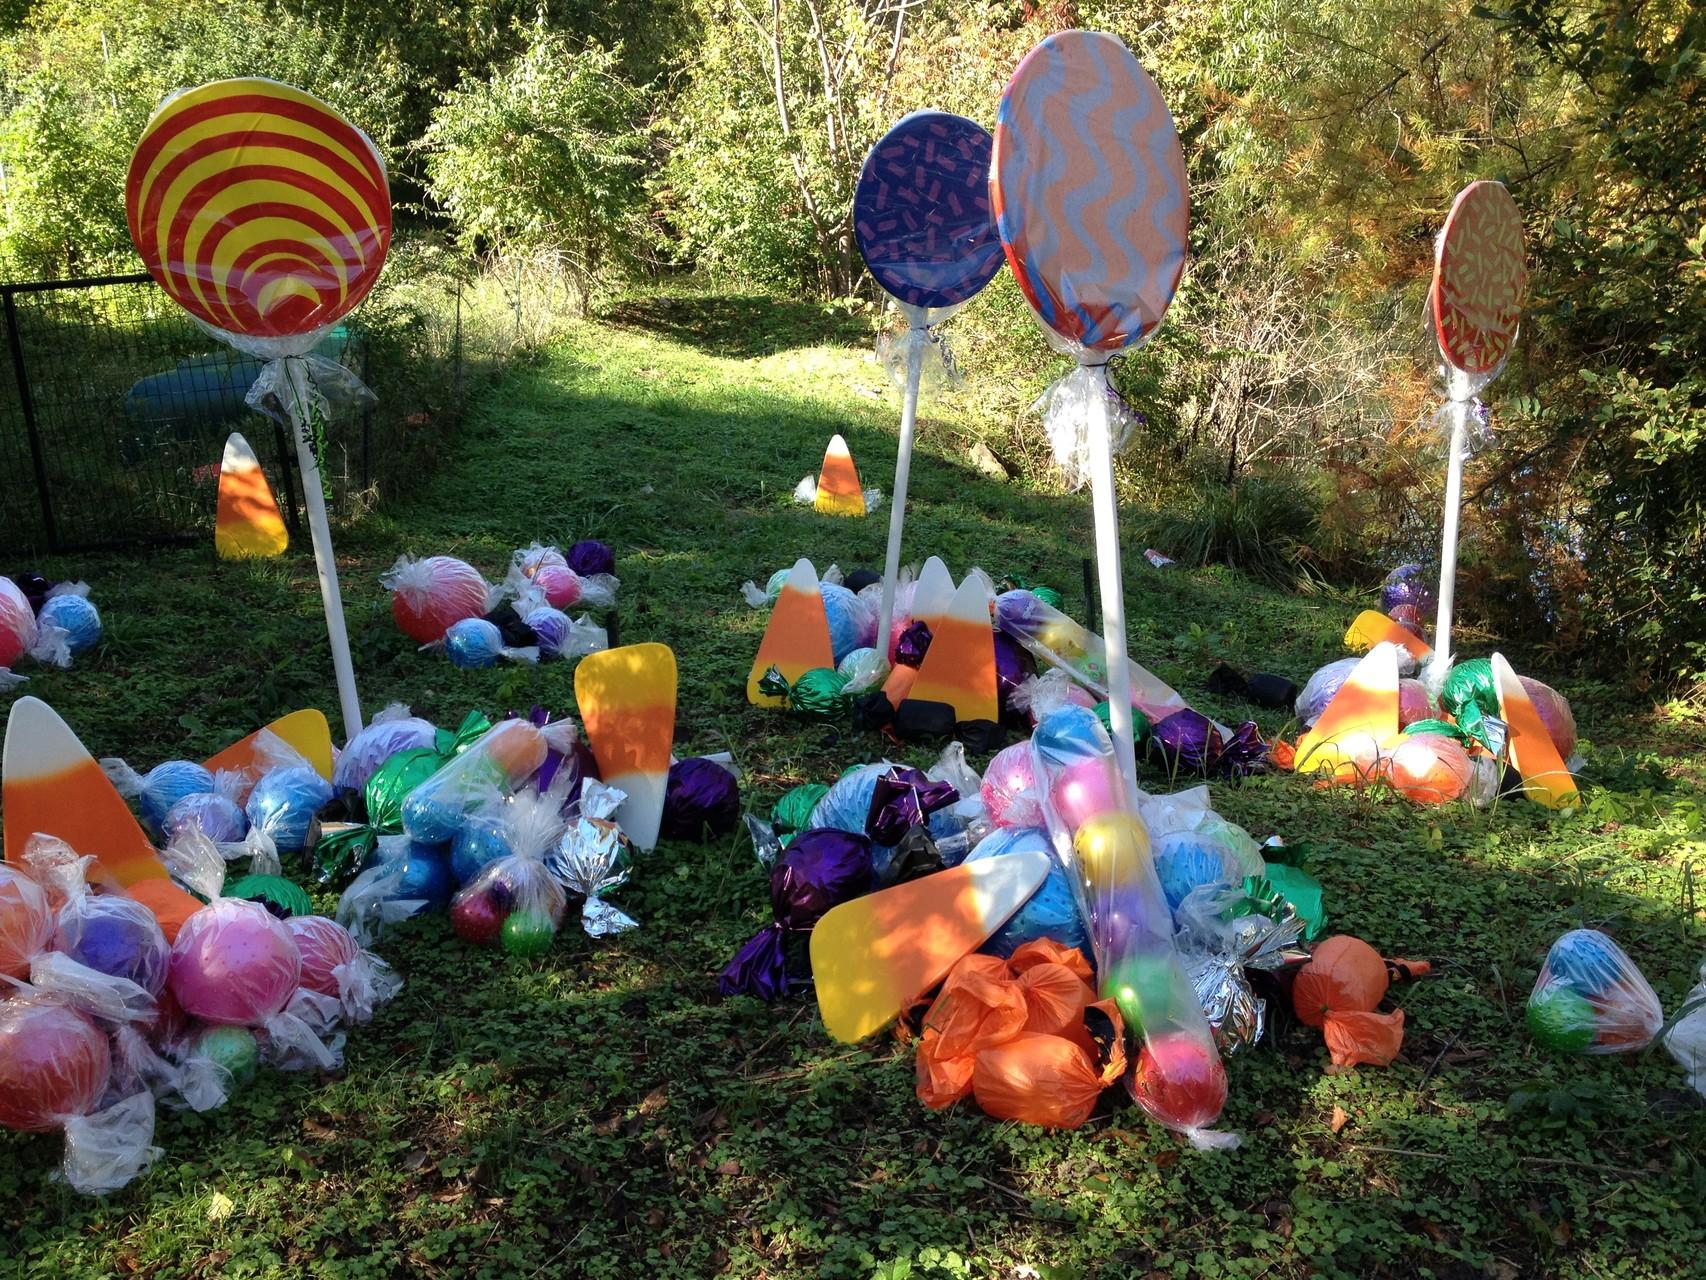 der Zoo ist für Halloween mit Süßigkeiten dekoriert worden